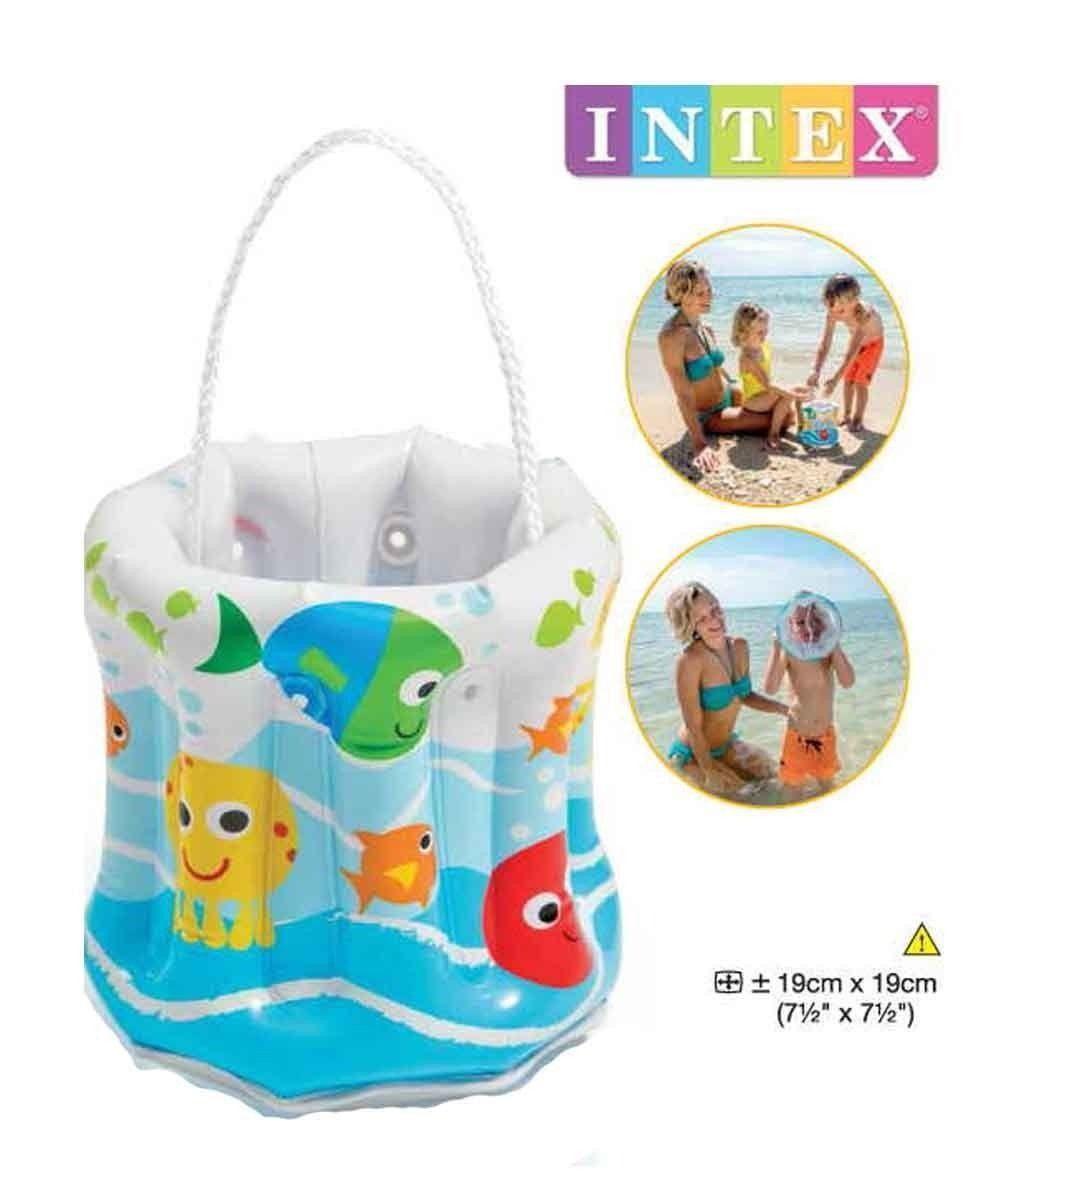 Balde Baldinho Inflável Praia Piscina Infantil Intex 58681